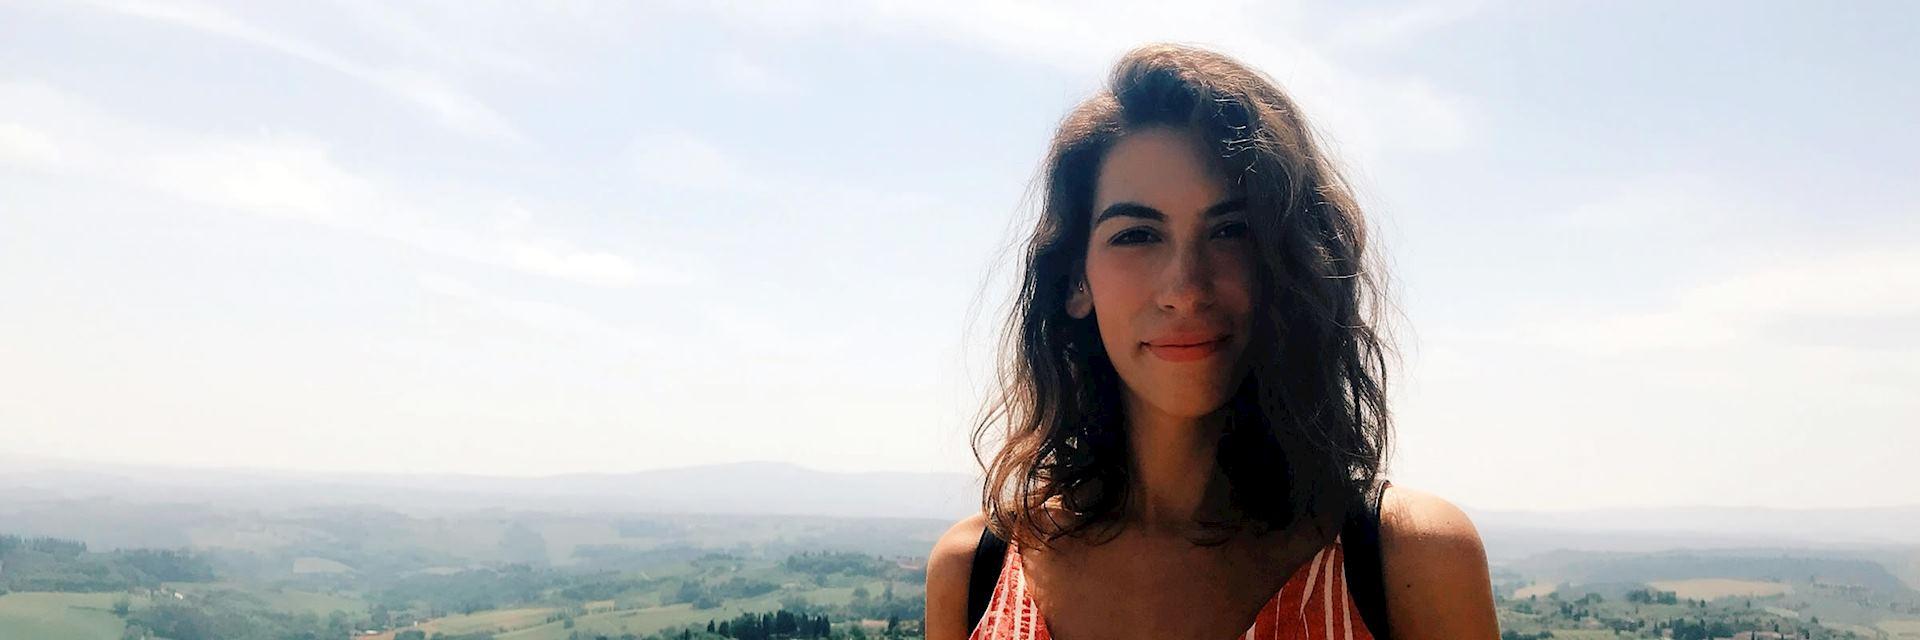 Carly in Tuscany, Italy